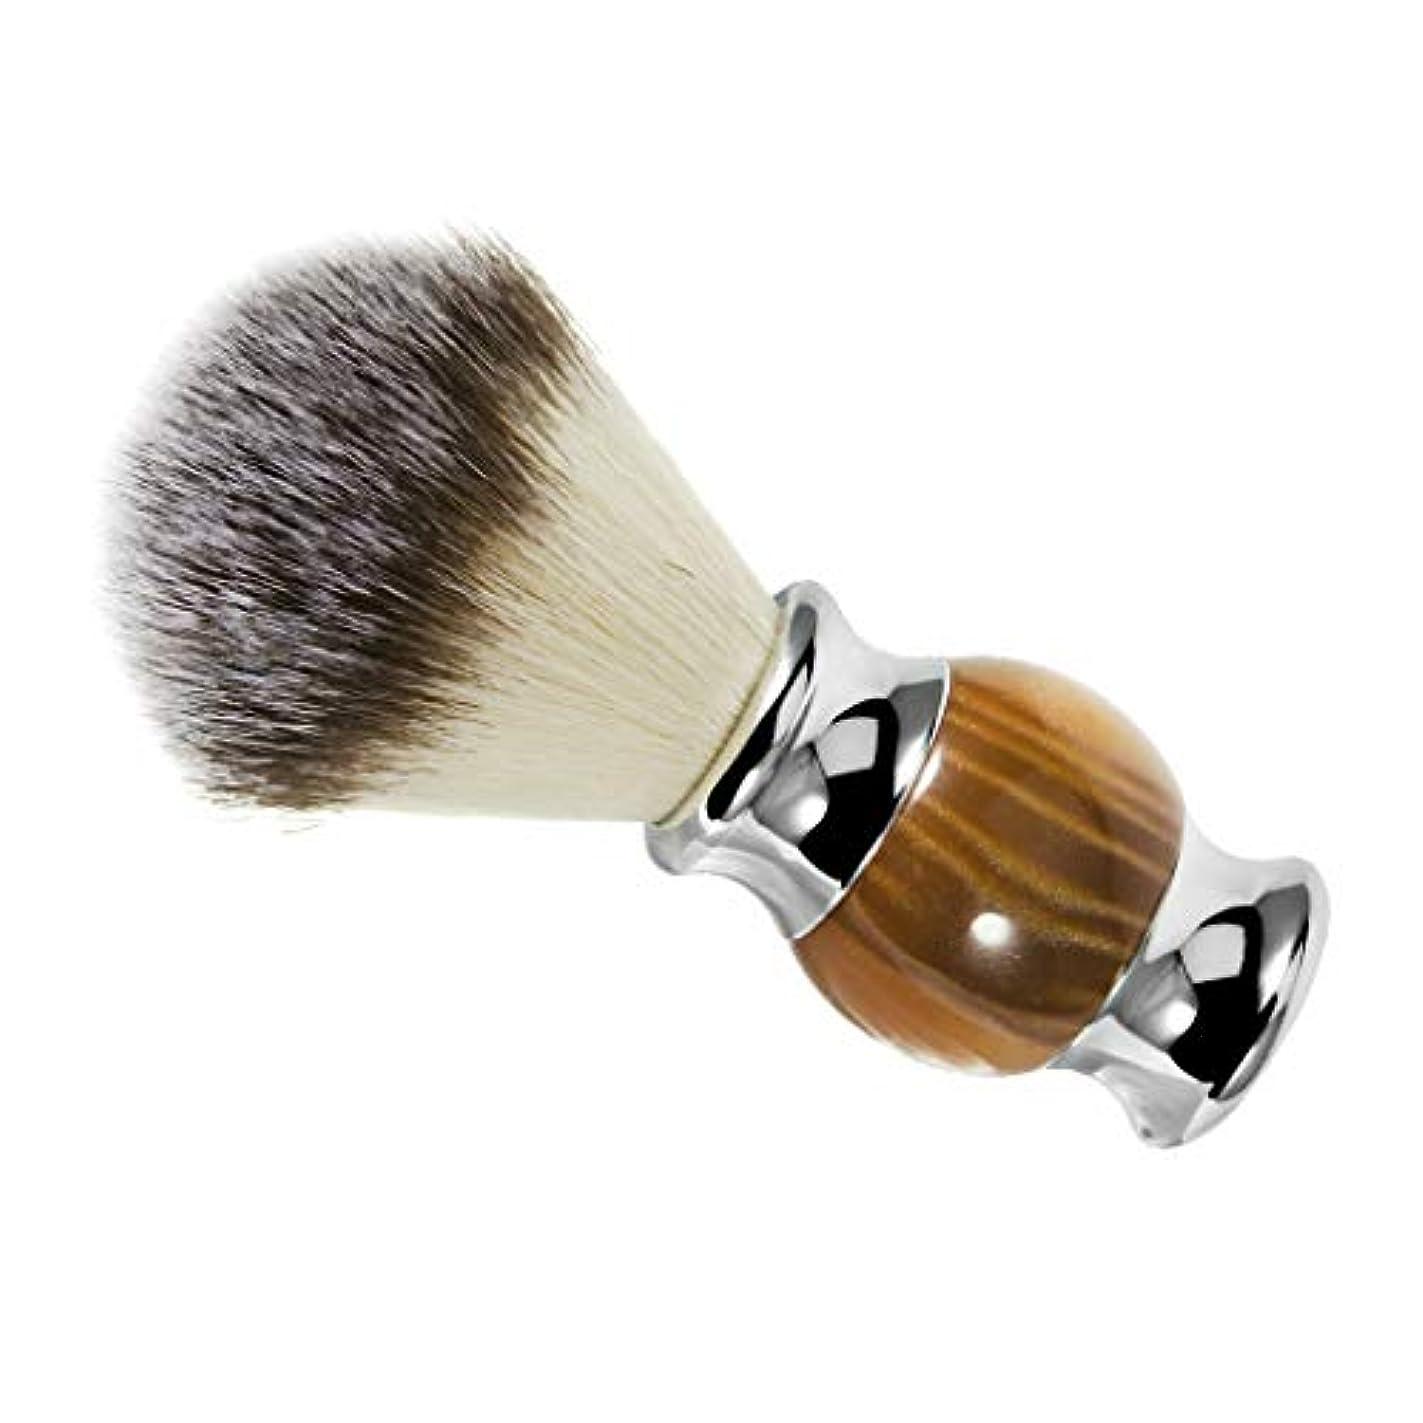 打ち上げるプライム緑シェービングブラシ ひげ剃りブラシ 口ひげブラシ 理髪サロン 髭剃り ひげ剃り 泡立ち